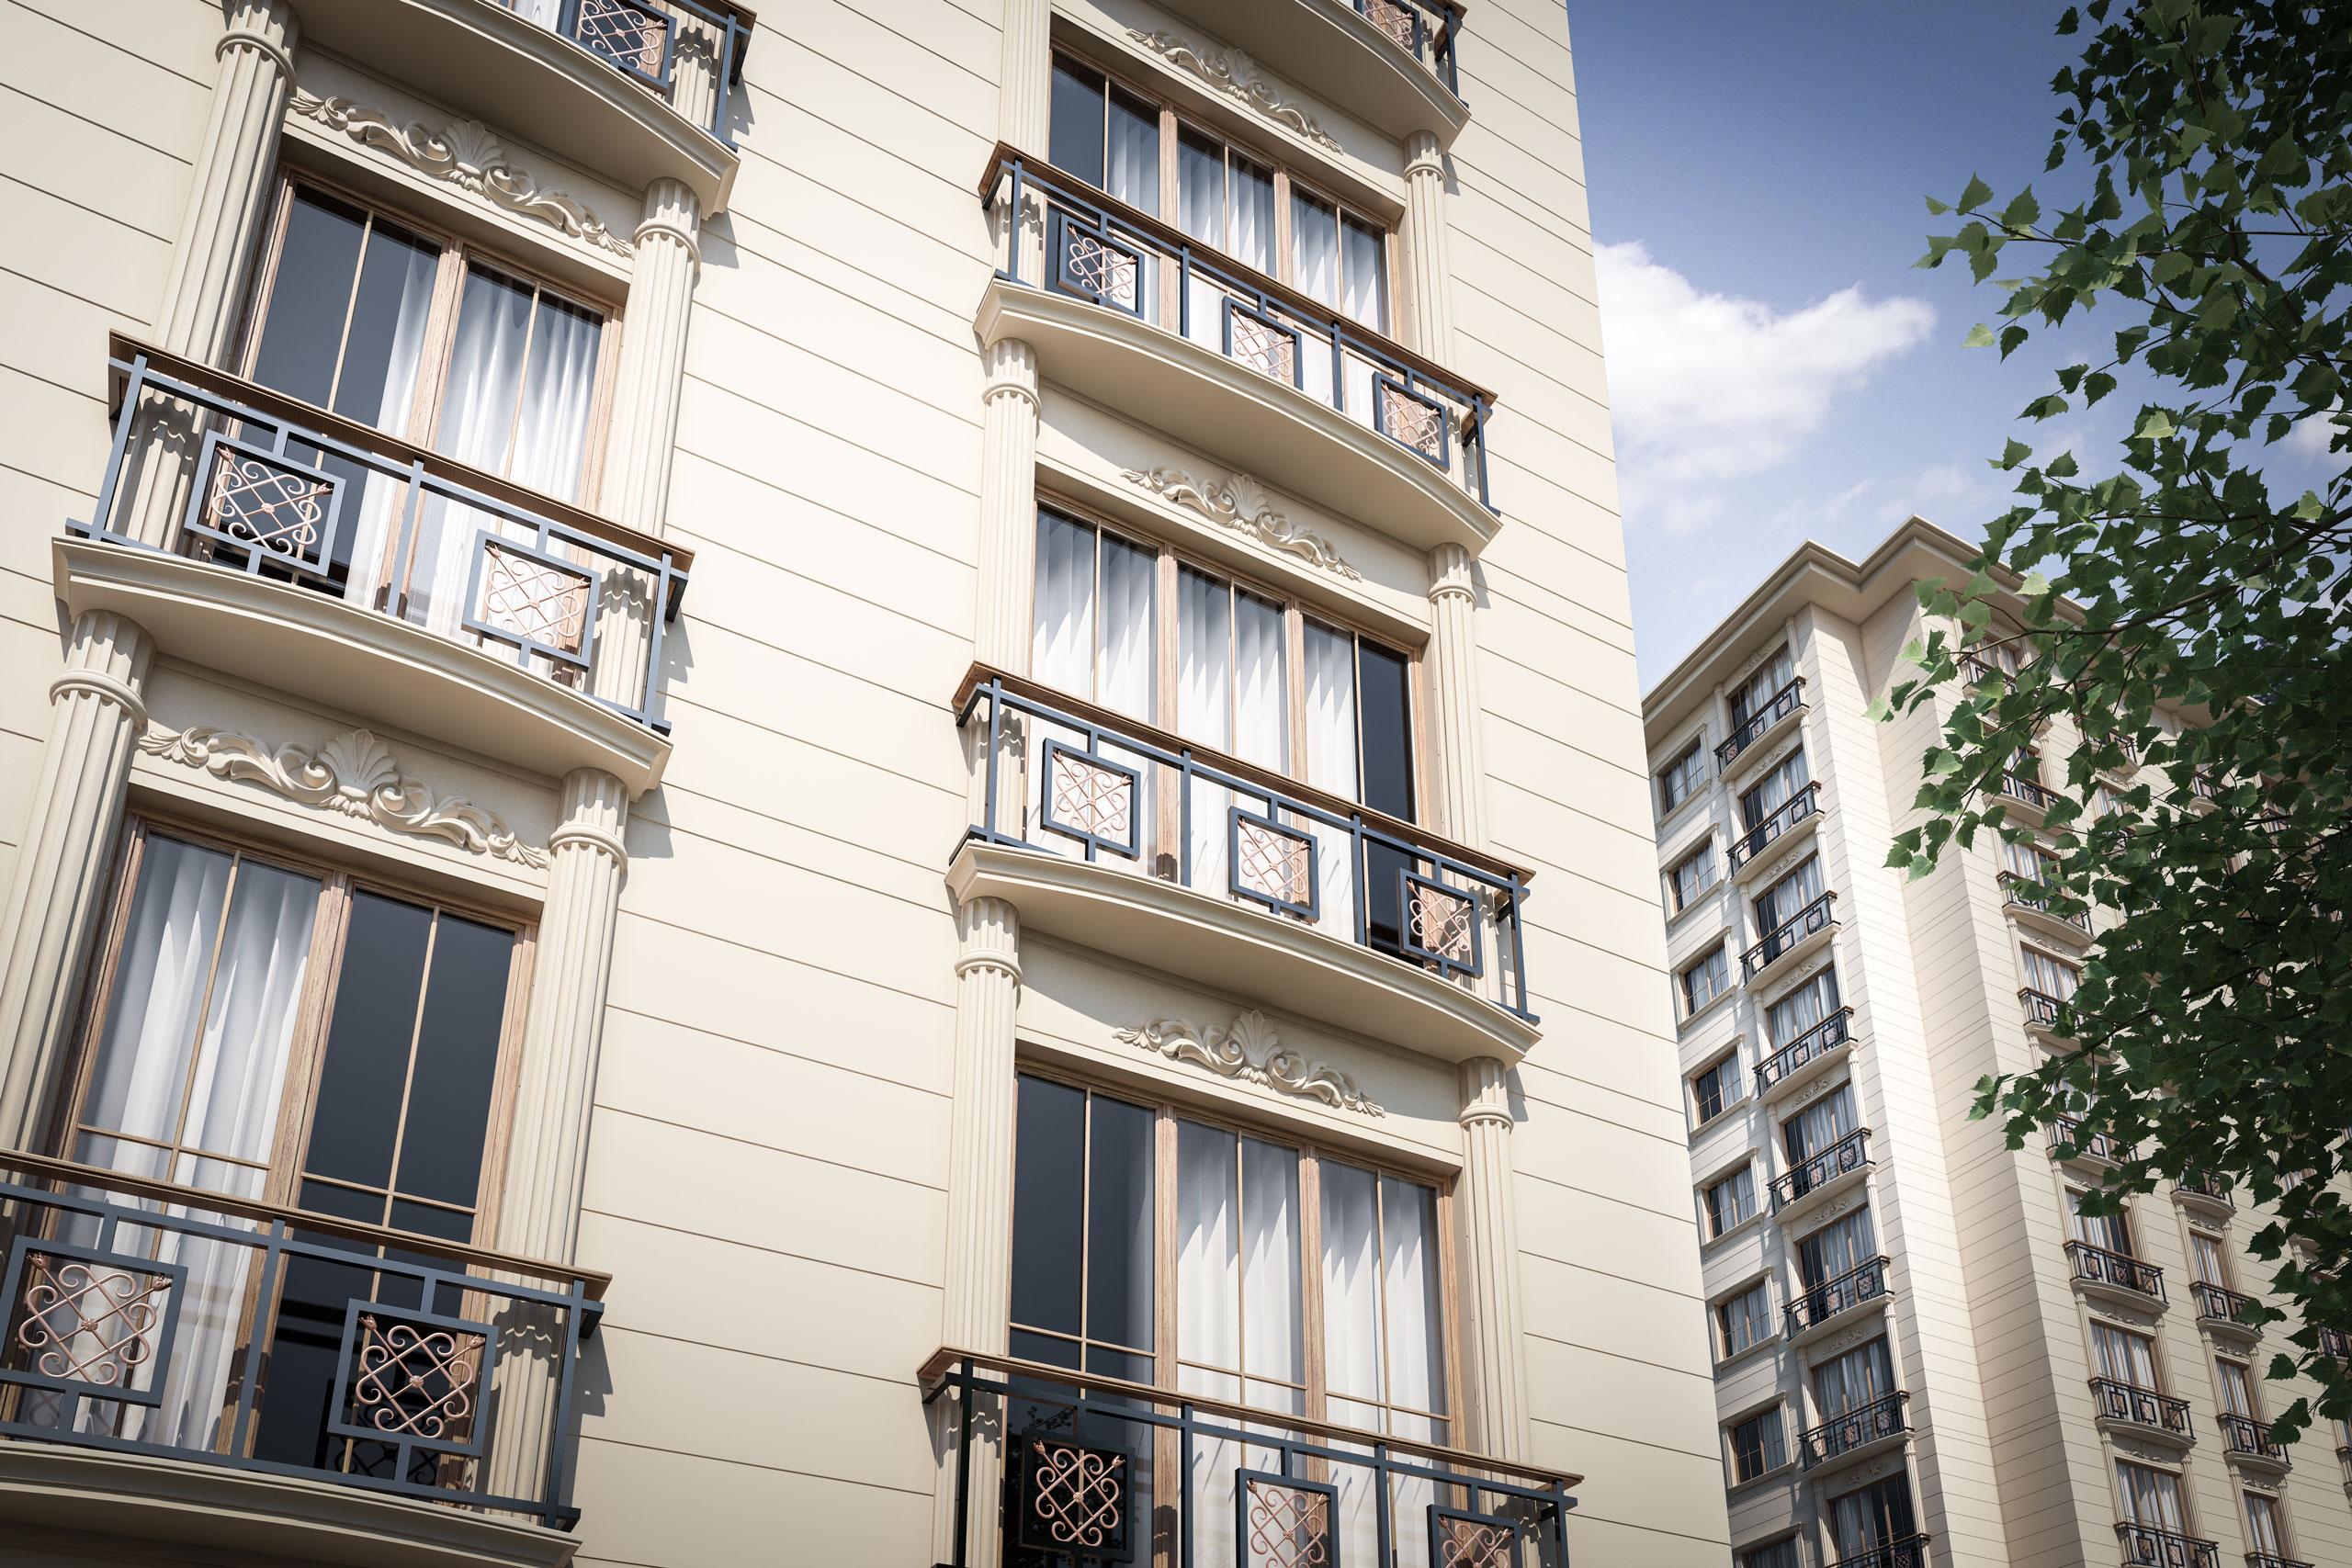 3d-Architectural-visualisation-Dorset-London-Istanbul-Yapi-01